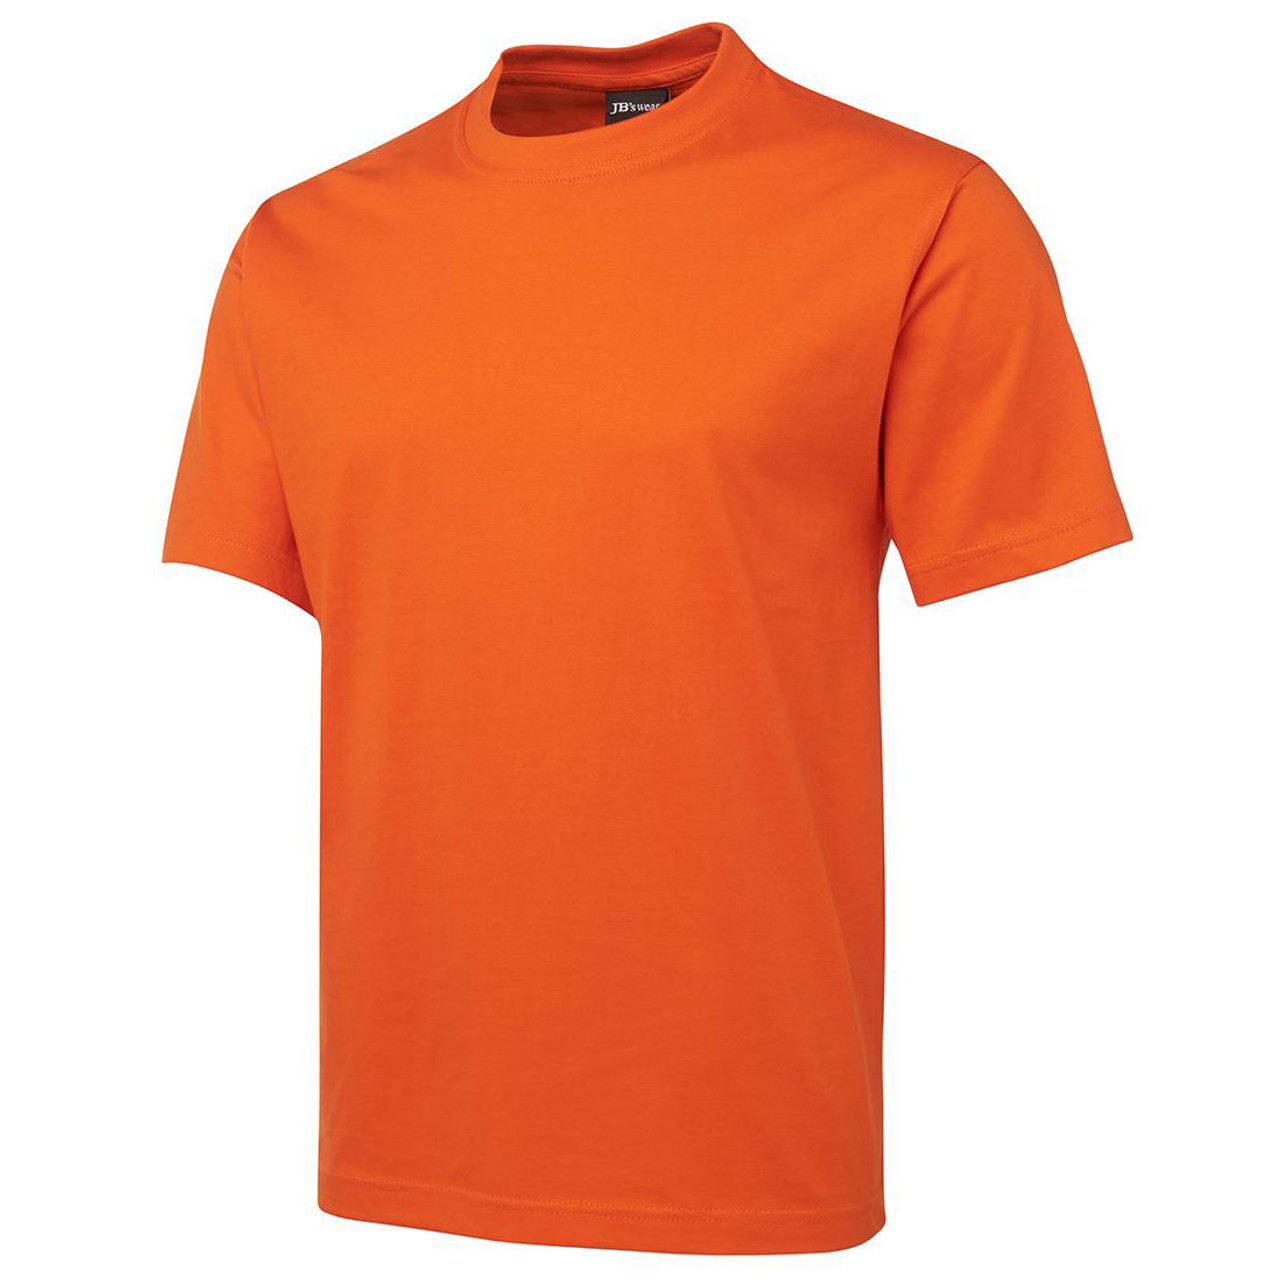 7283ecd1af3f wholsale plain jersey cotton tshirt | crew neck | bulk buy discount online